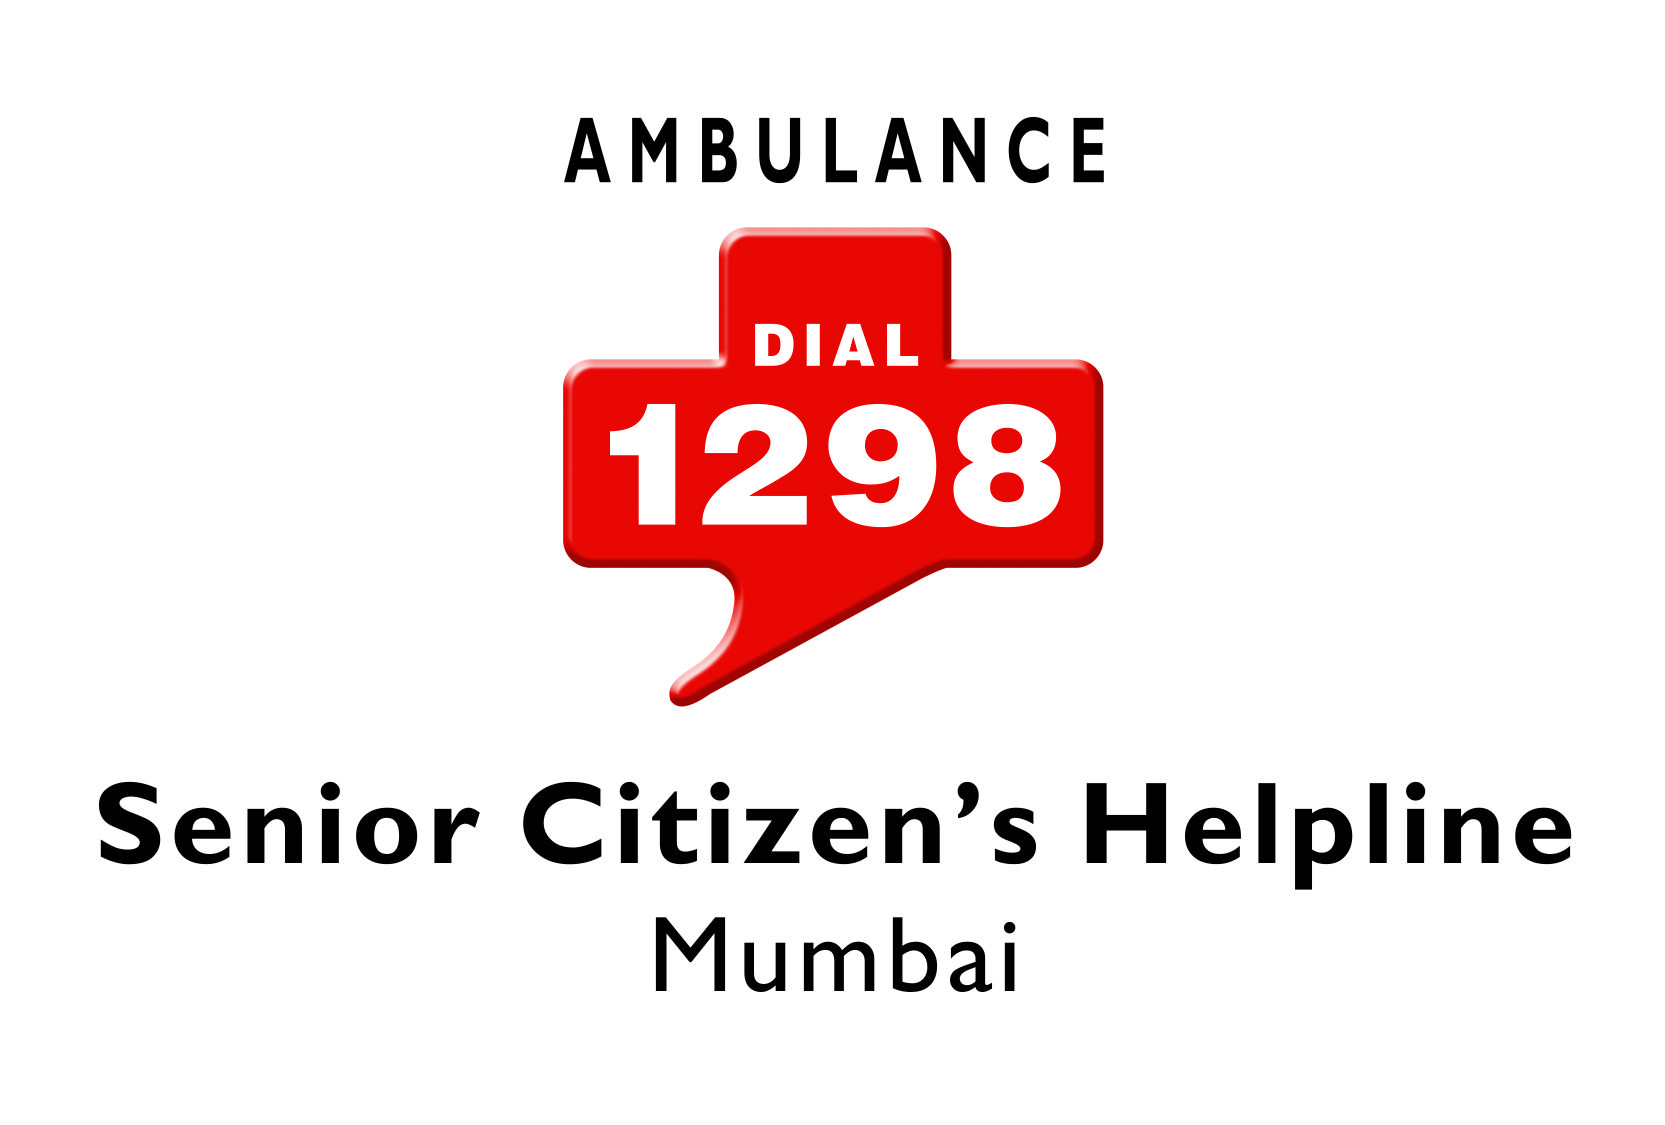 Elder Helpline 1298